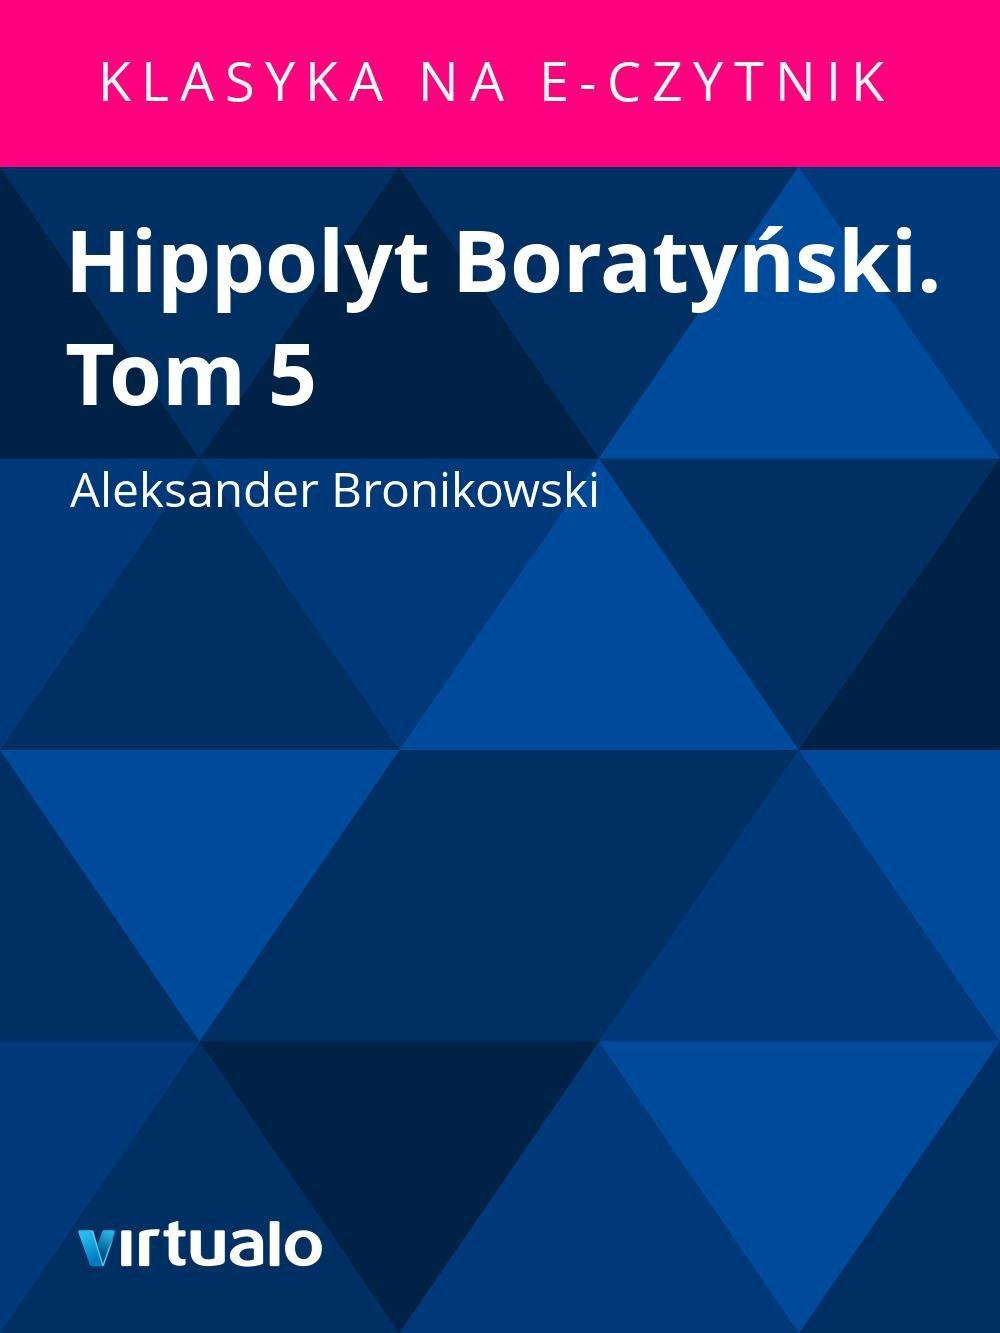 Hippolyt Boratyński. Tom 5 - Ebook (Książka EPUB) do pobrania w formacie EPUB